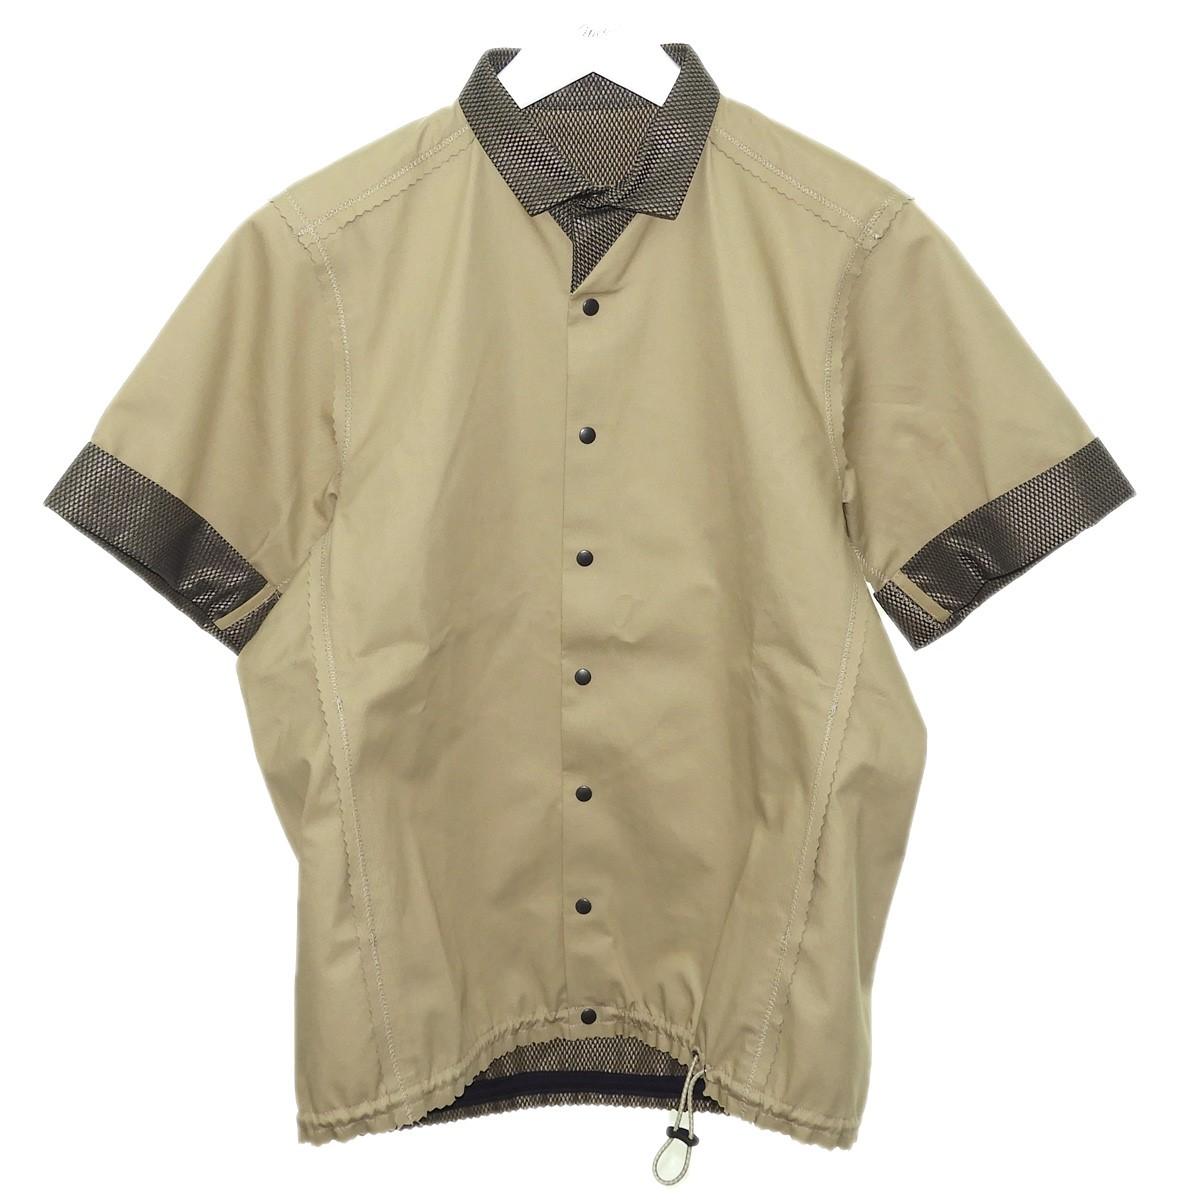 【中古】kolor 2015SS 半袖シャツジャケット ベージュ サイズ:1 【080720】(カラー)